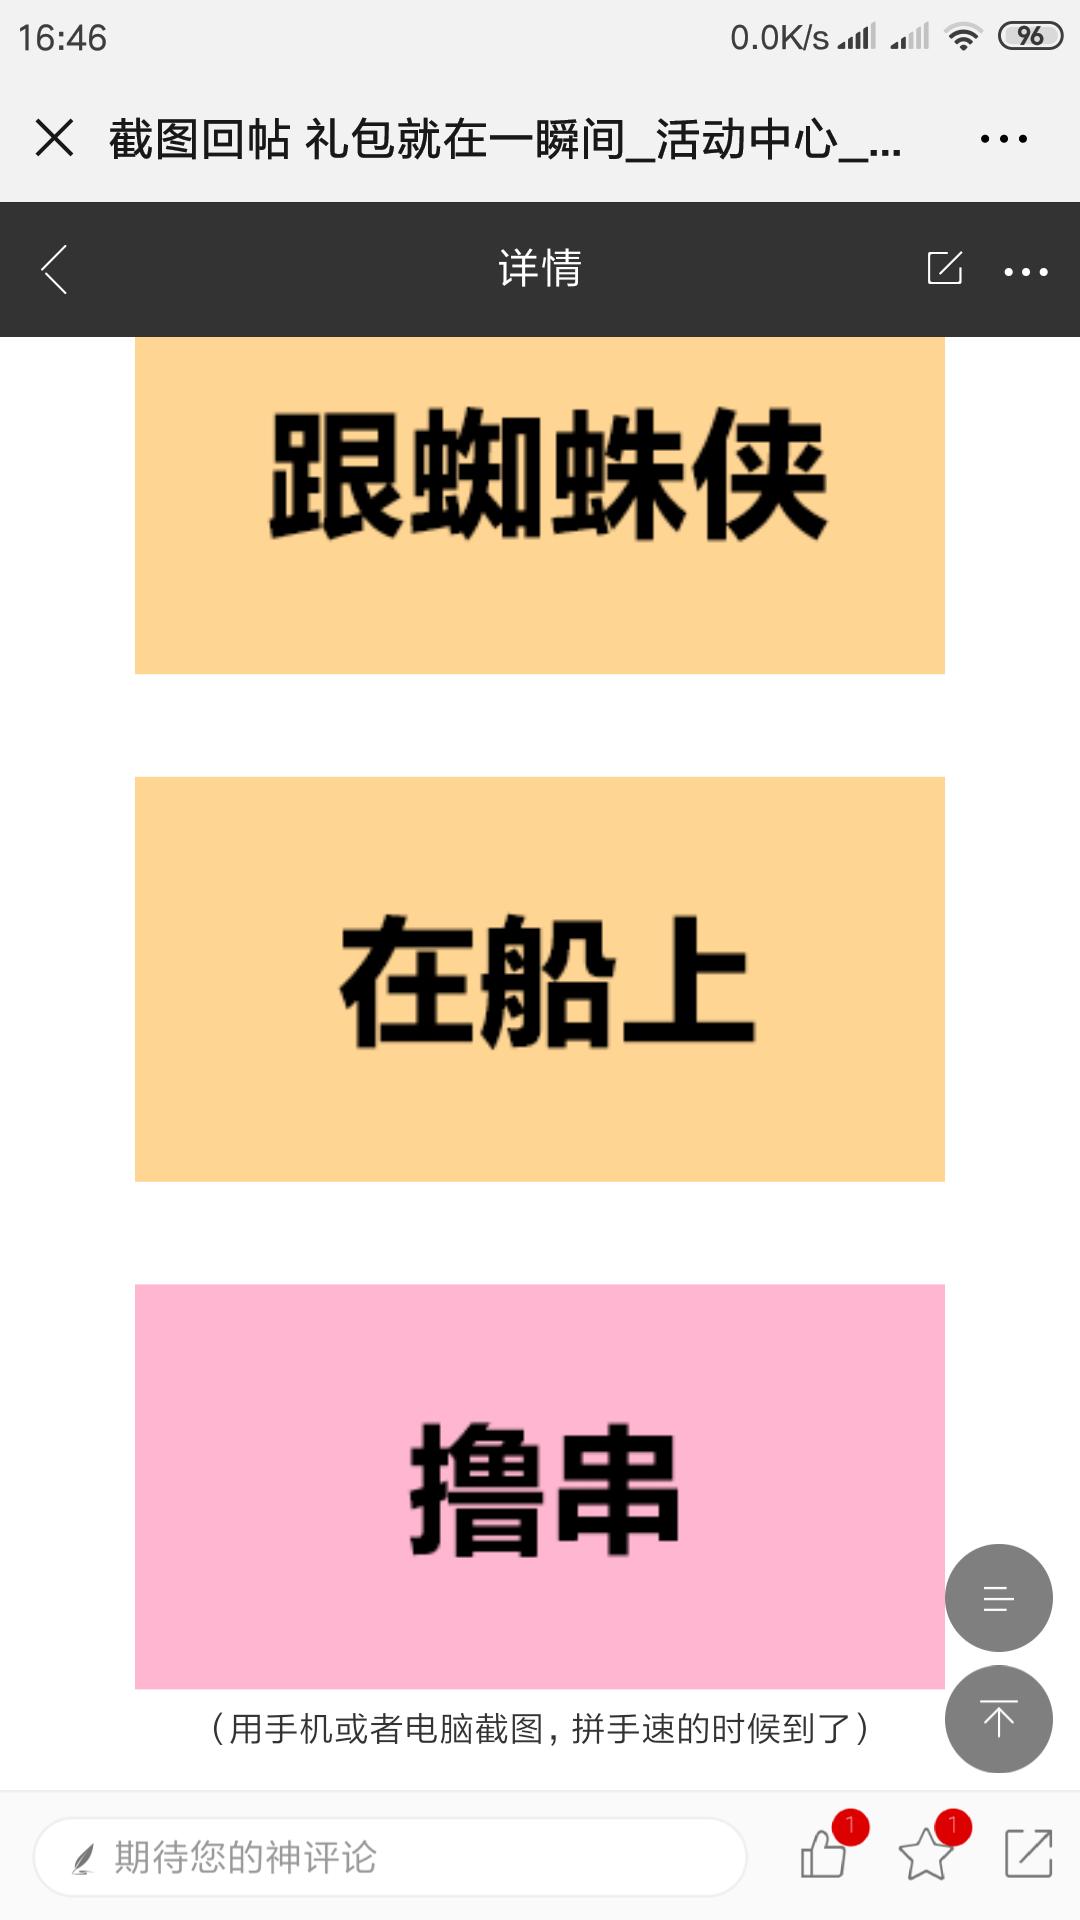 Screenshot_2019-07-25-16-46-28-494_com.tencent.mm.png